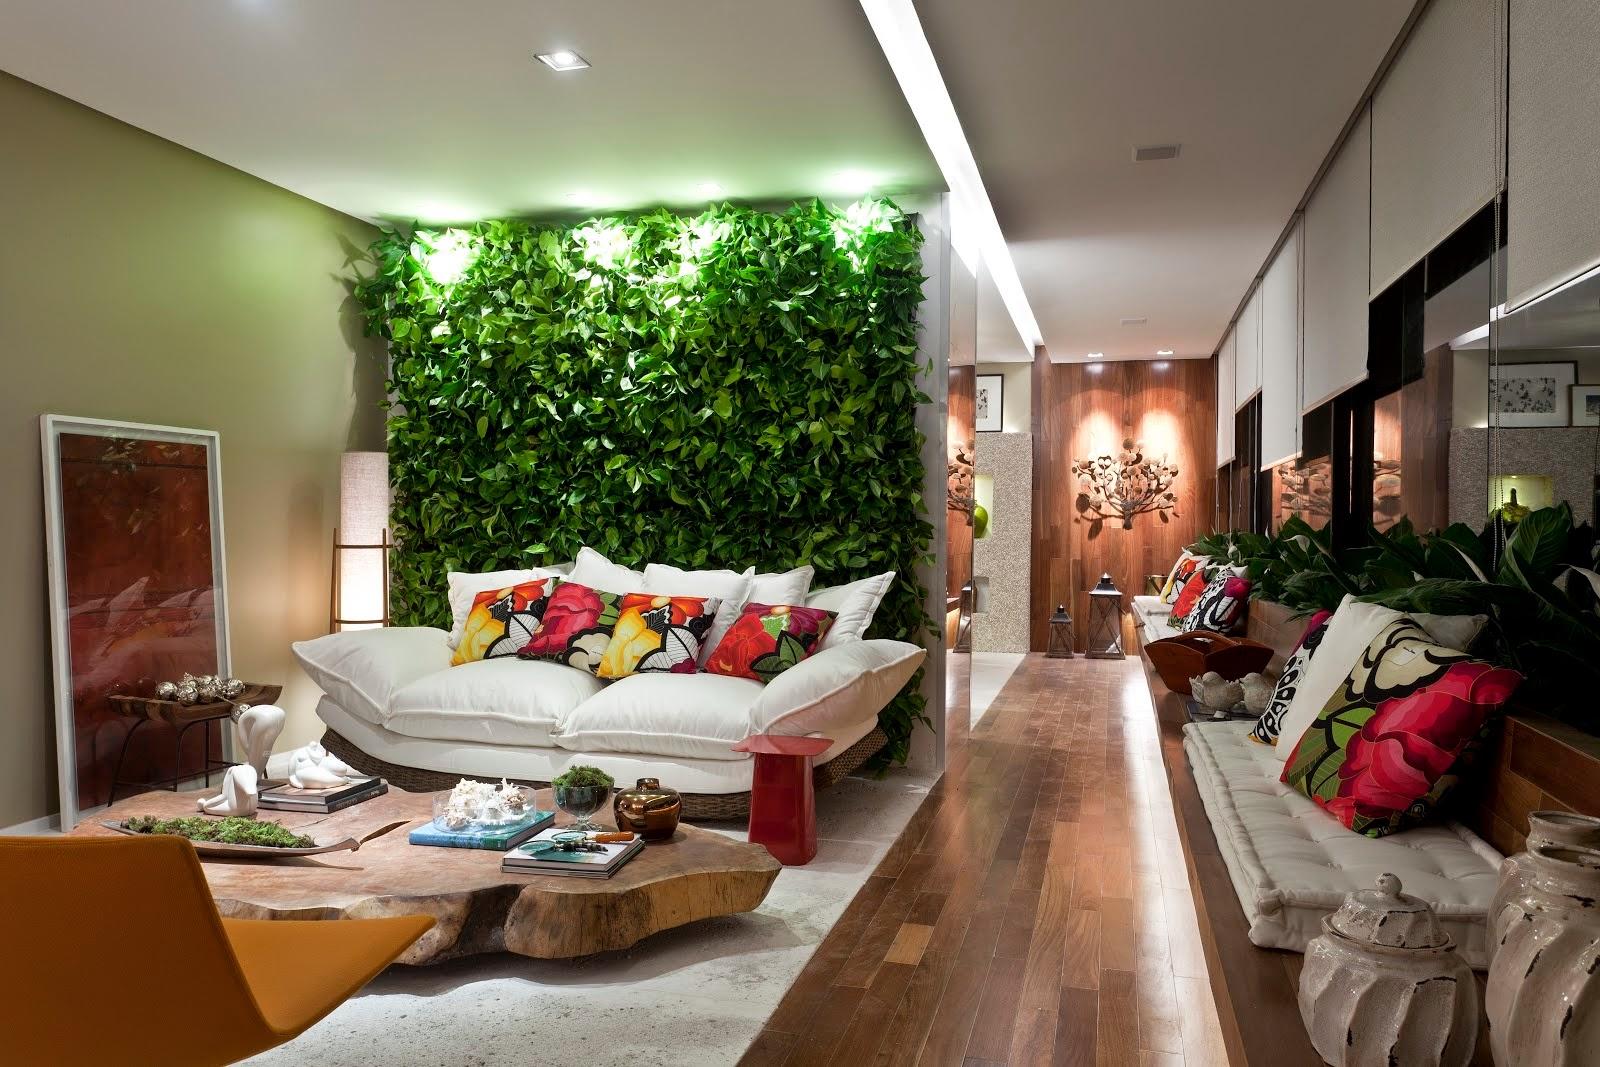 jardim vertical é uma ótima opção pra quem deseja um jardim  #3C6D1A 1600x1067 Banheiro Com Jardim Vertical